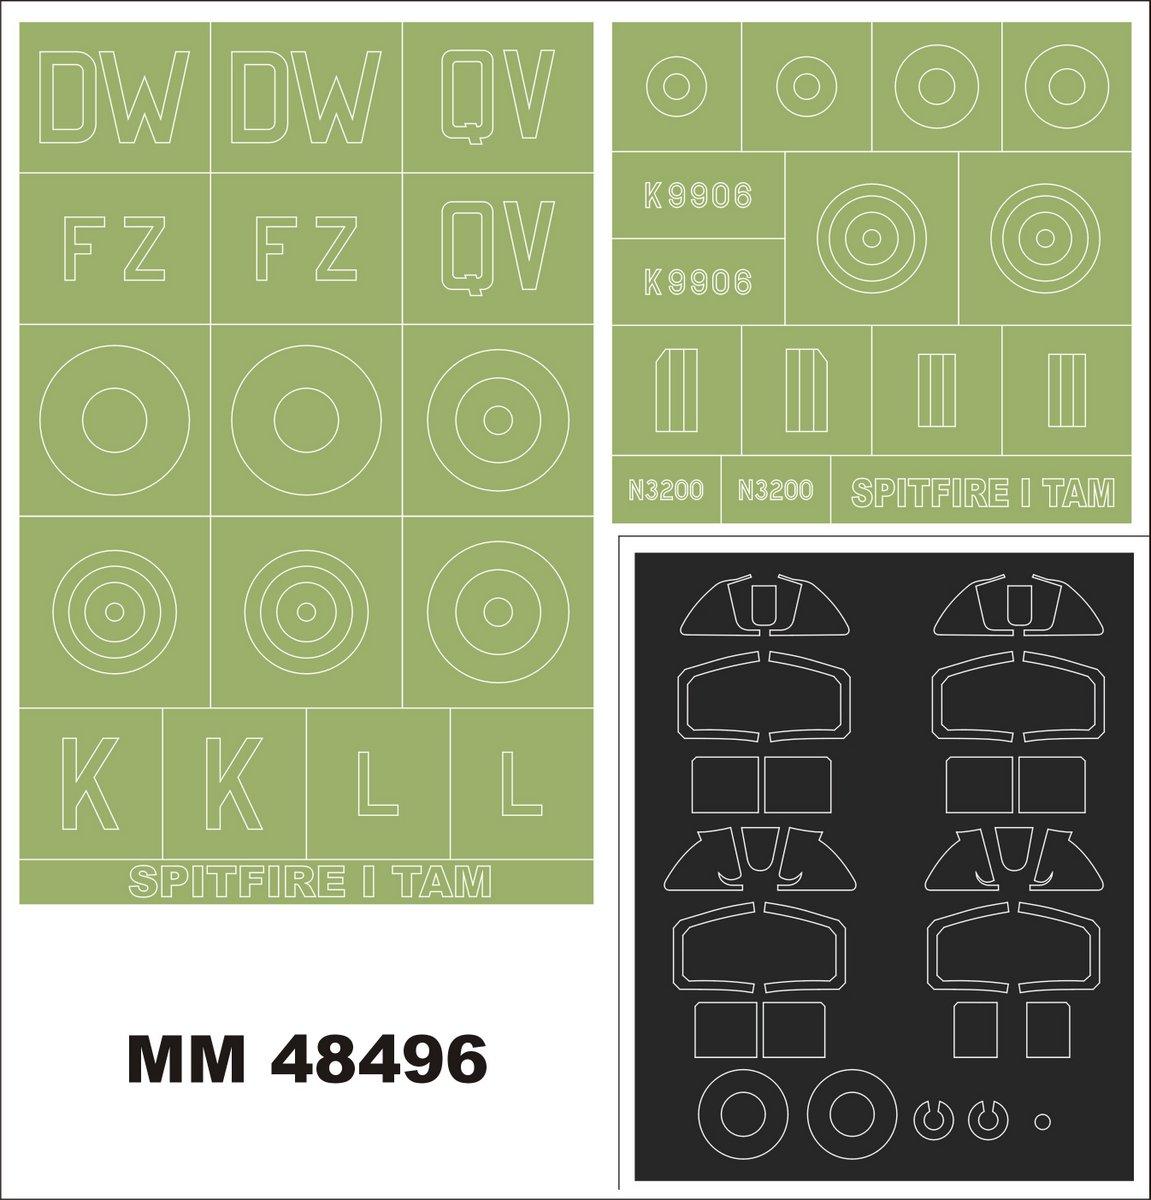 MXMM48496